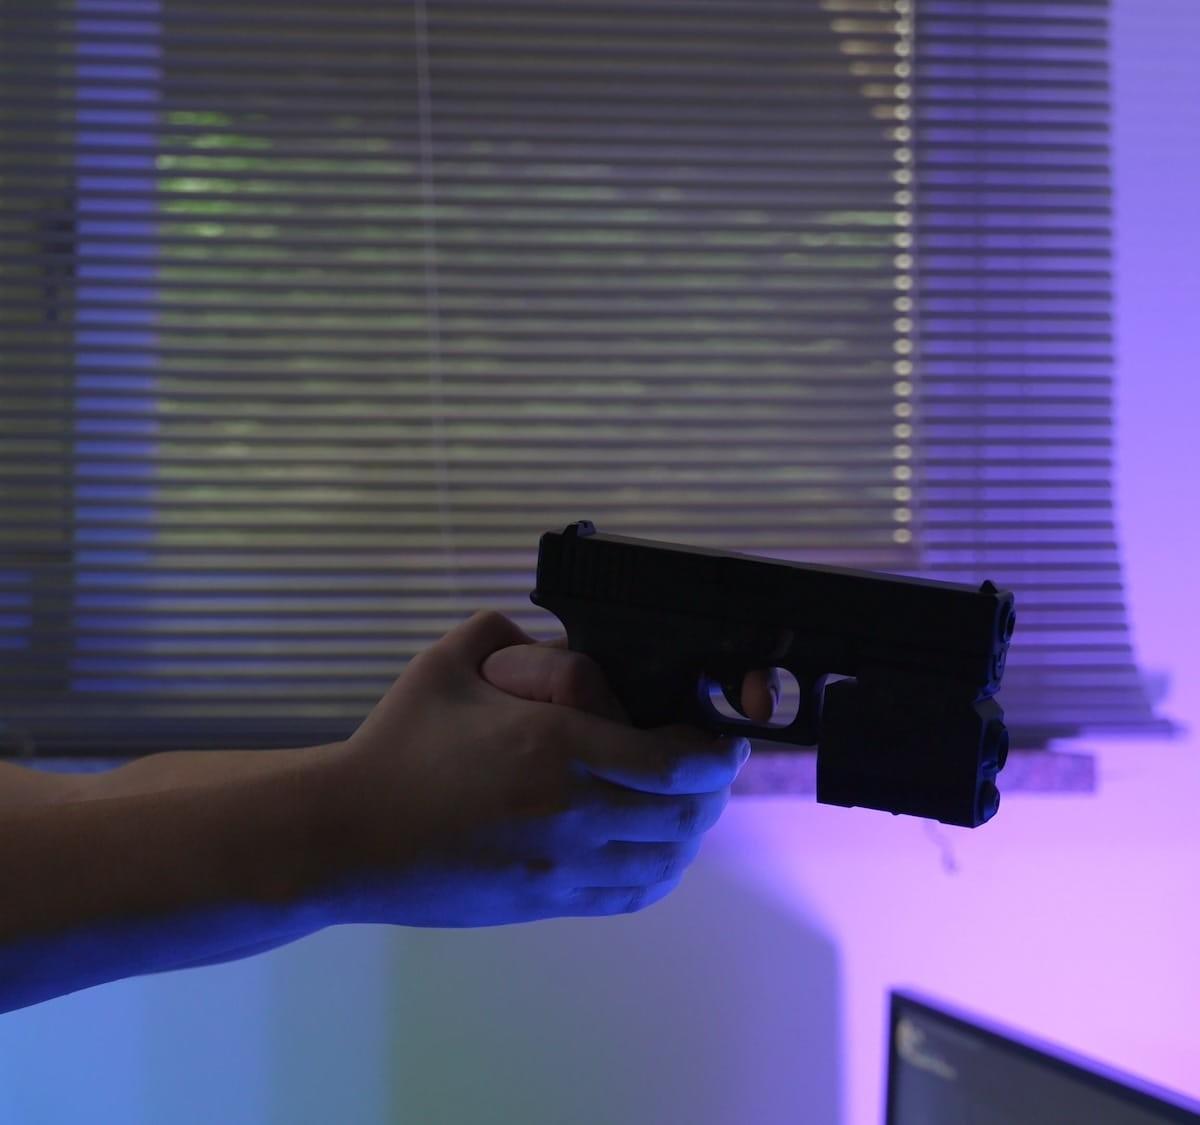 Aidusgun intuitive VR game controller easily attaches to an air gun